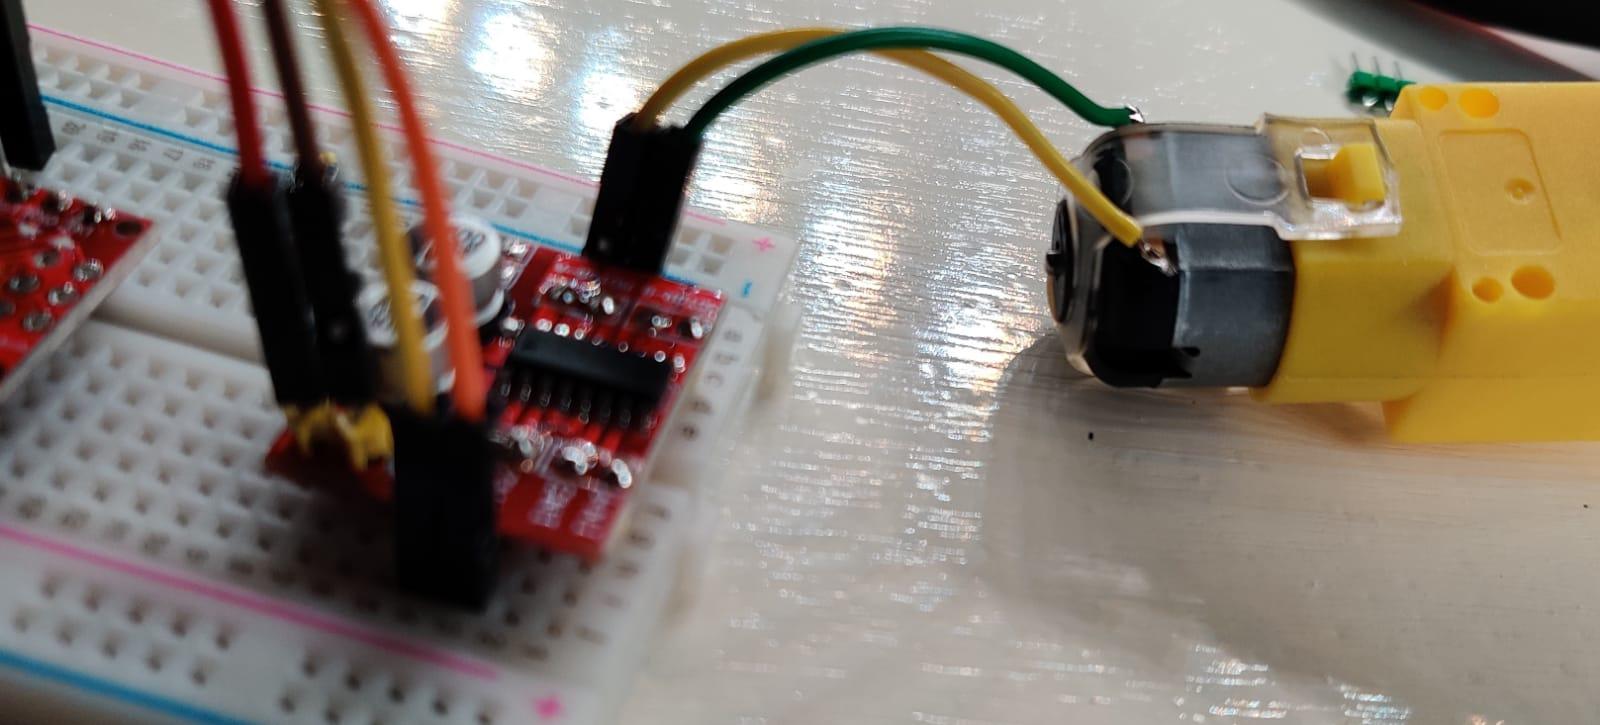 lab – L298N motordriver solderen voor het breadboard